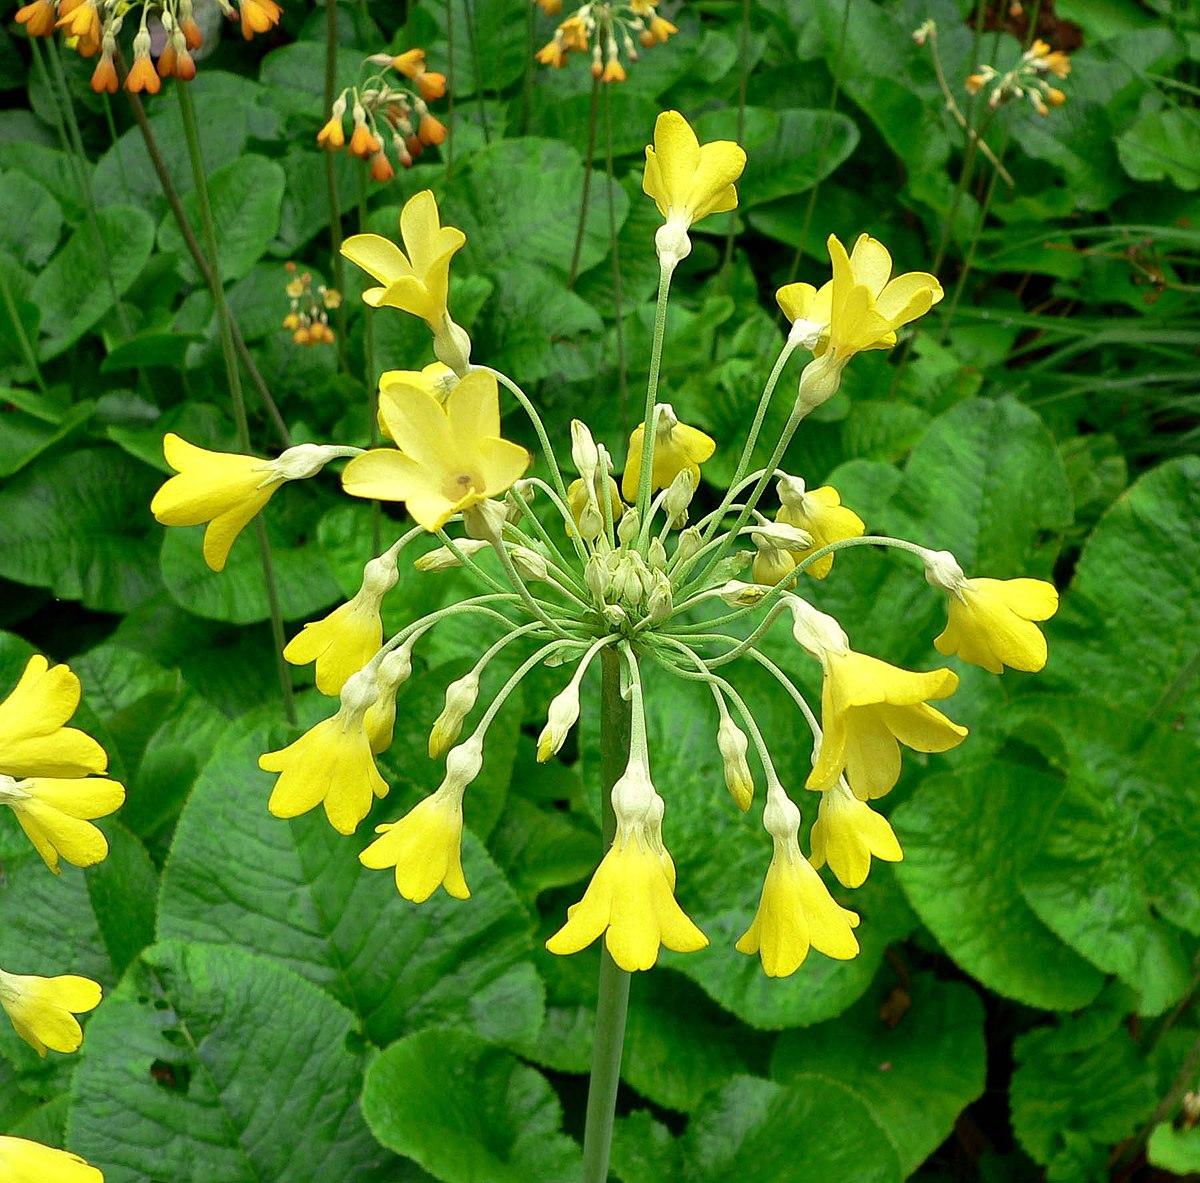 Primula florindae wikipedia for Primule immagini